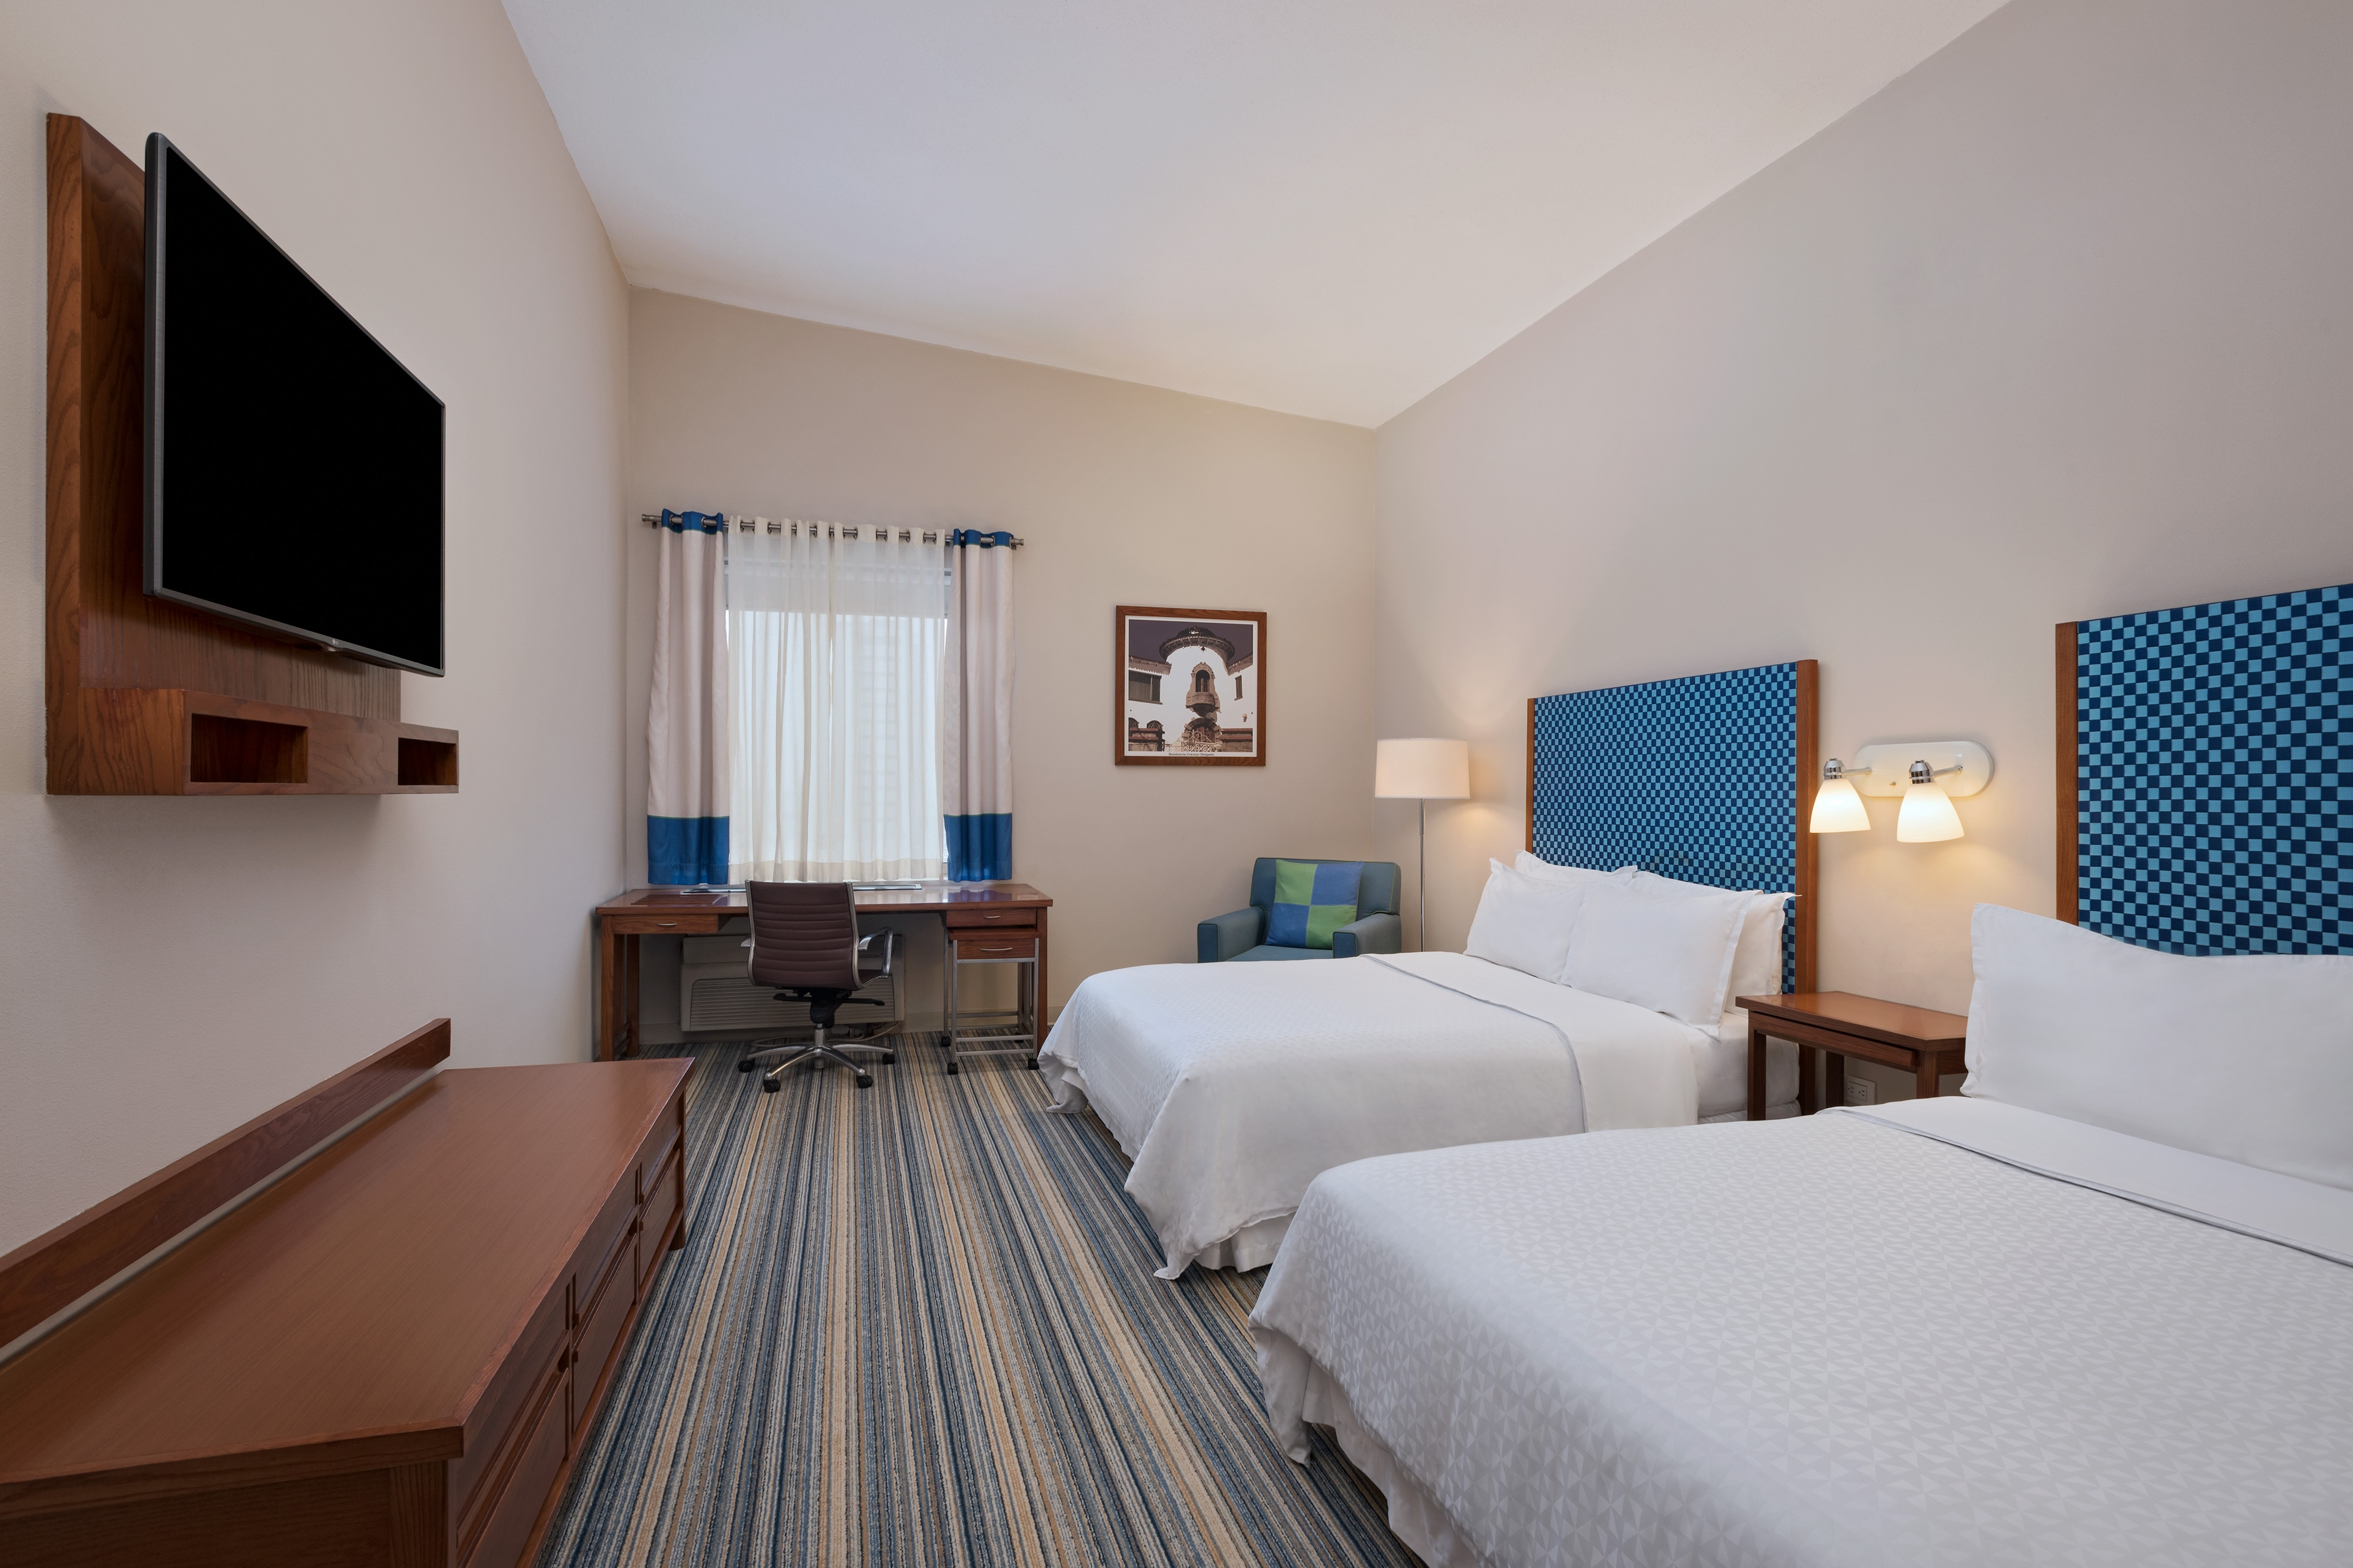 Executive-Gästezimmer mit zwei Queensize-Betten